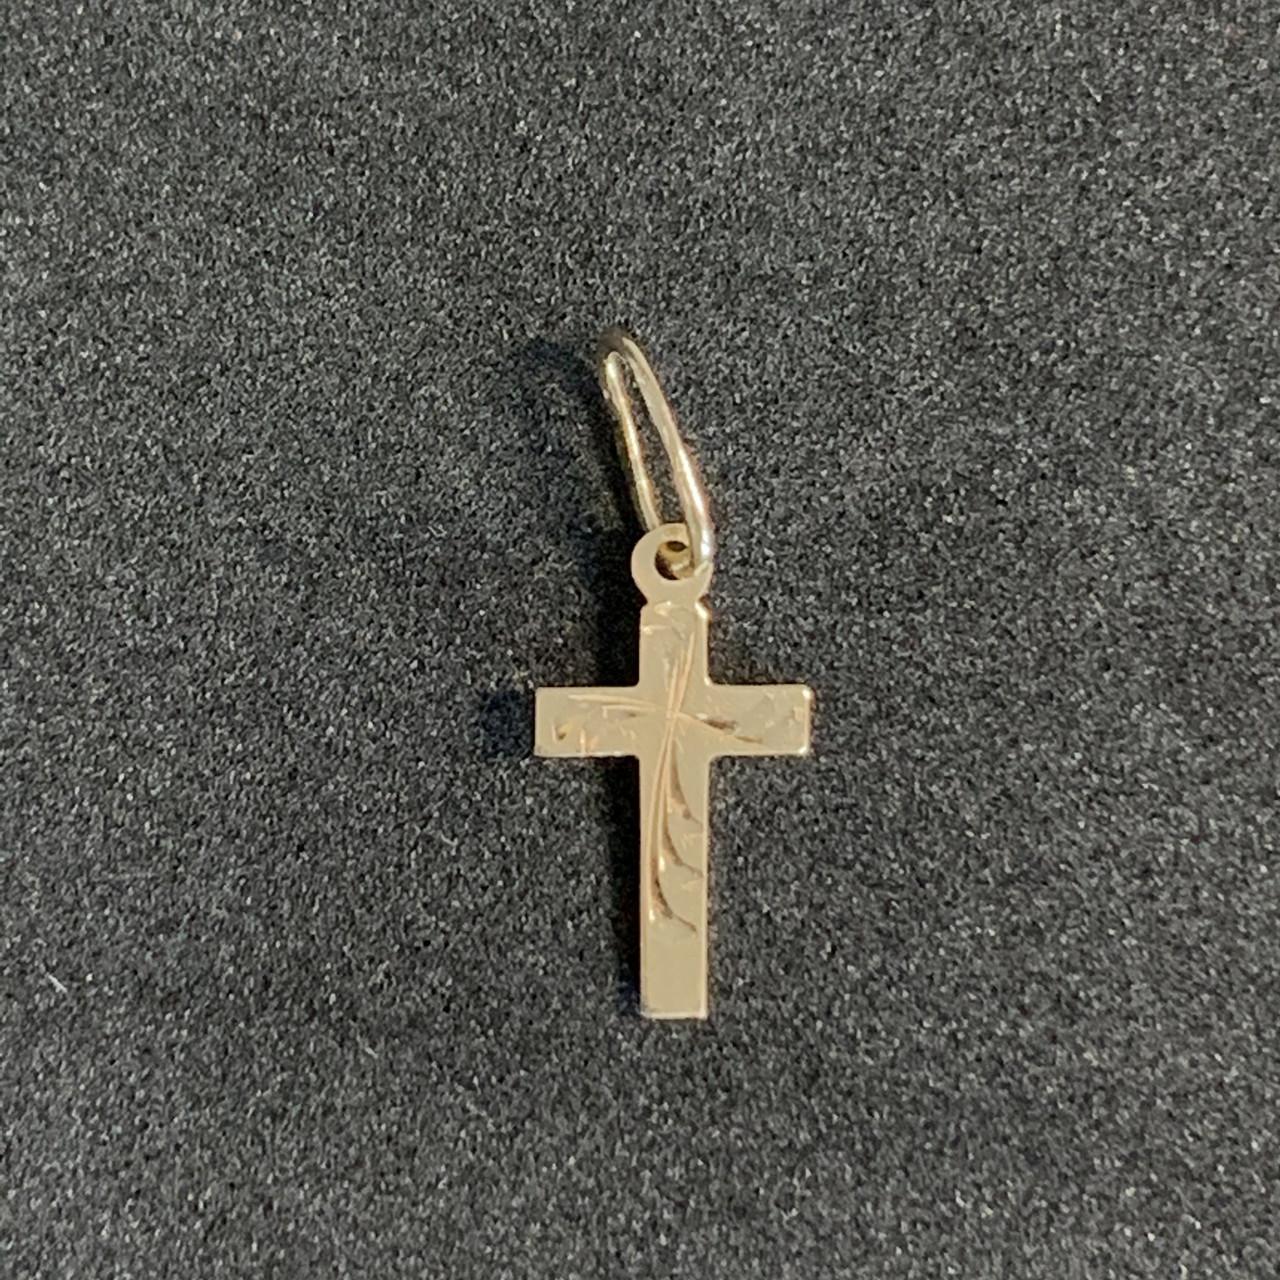 Золотой крест БУ 585 пробы, вес - 0.25 г. Наложенный платеж